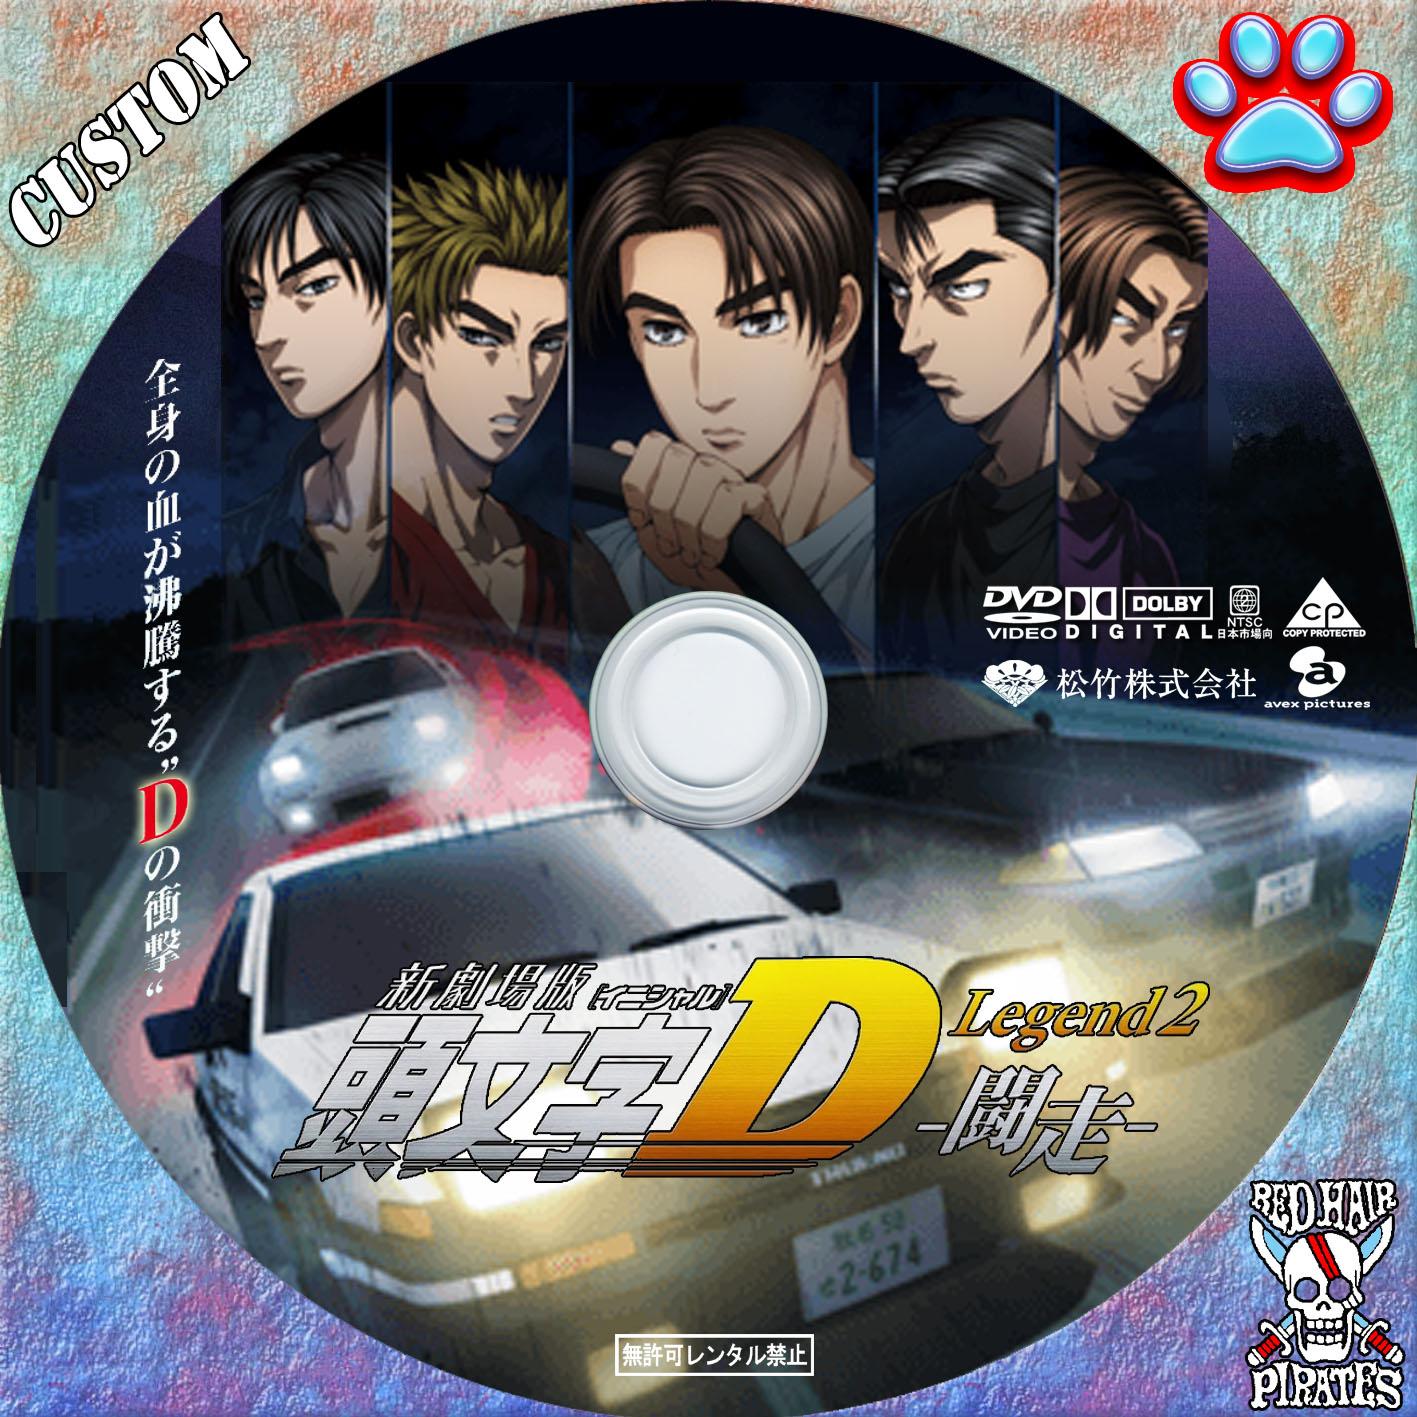 イニシャル D 映画 3